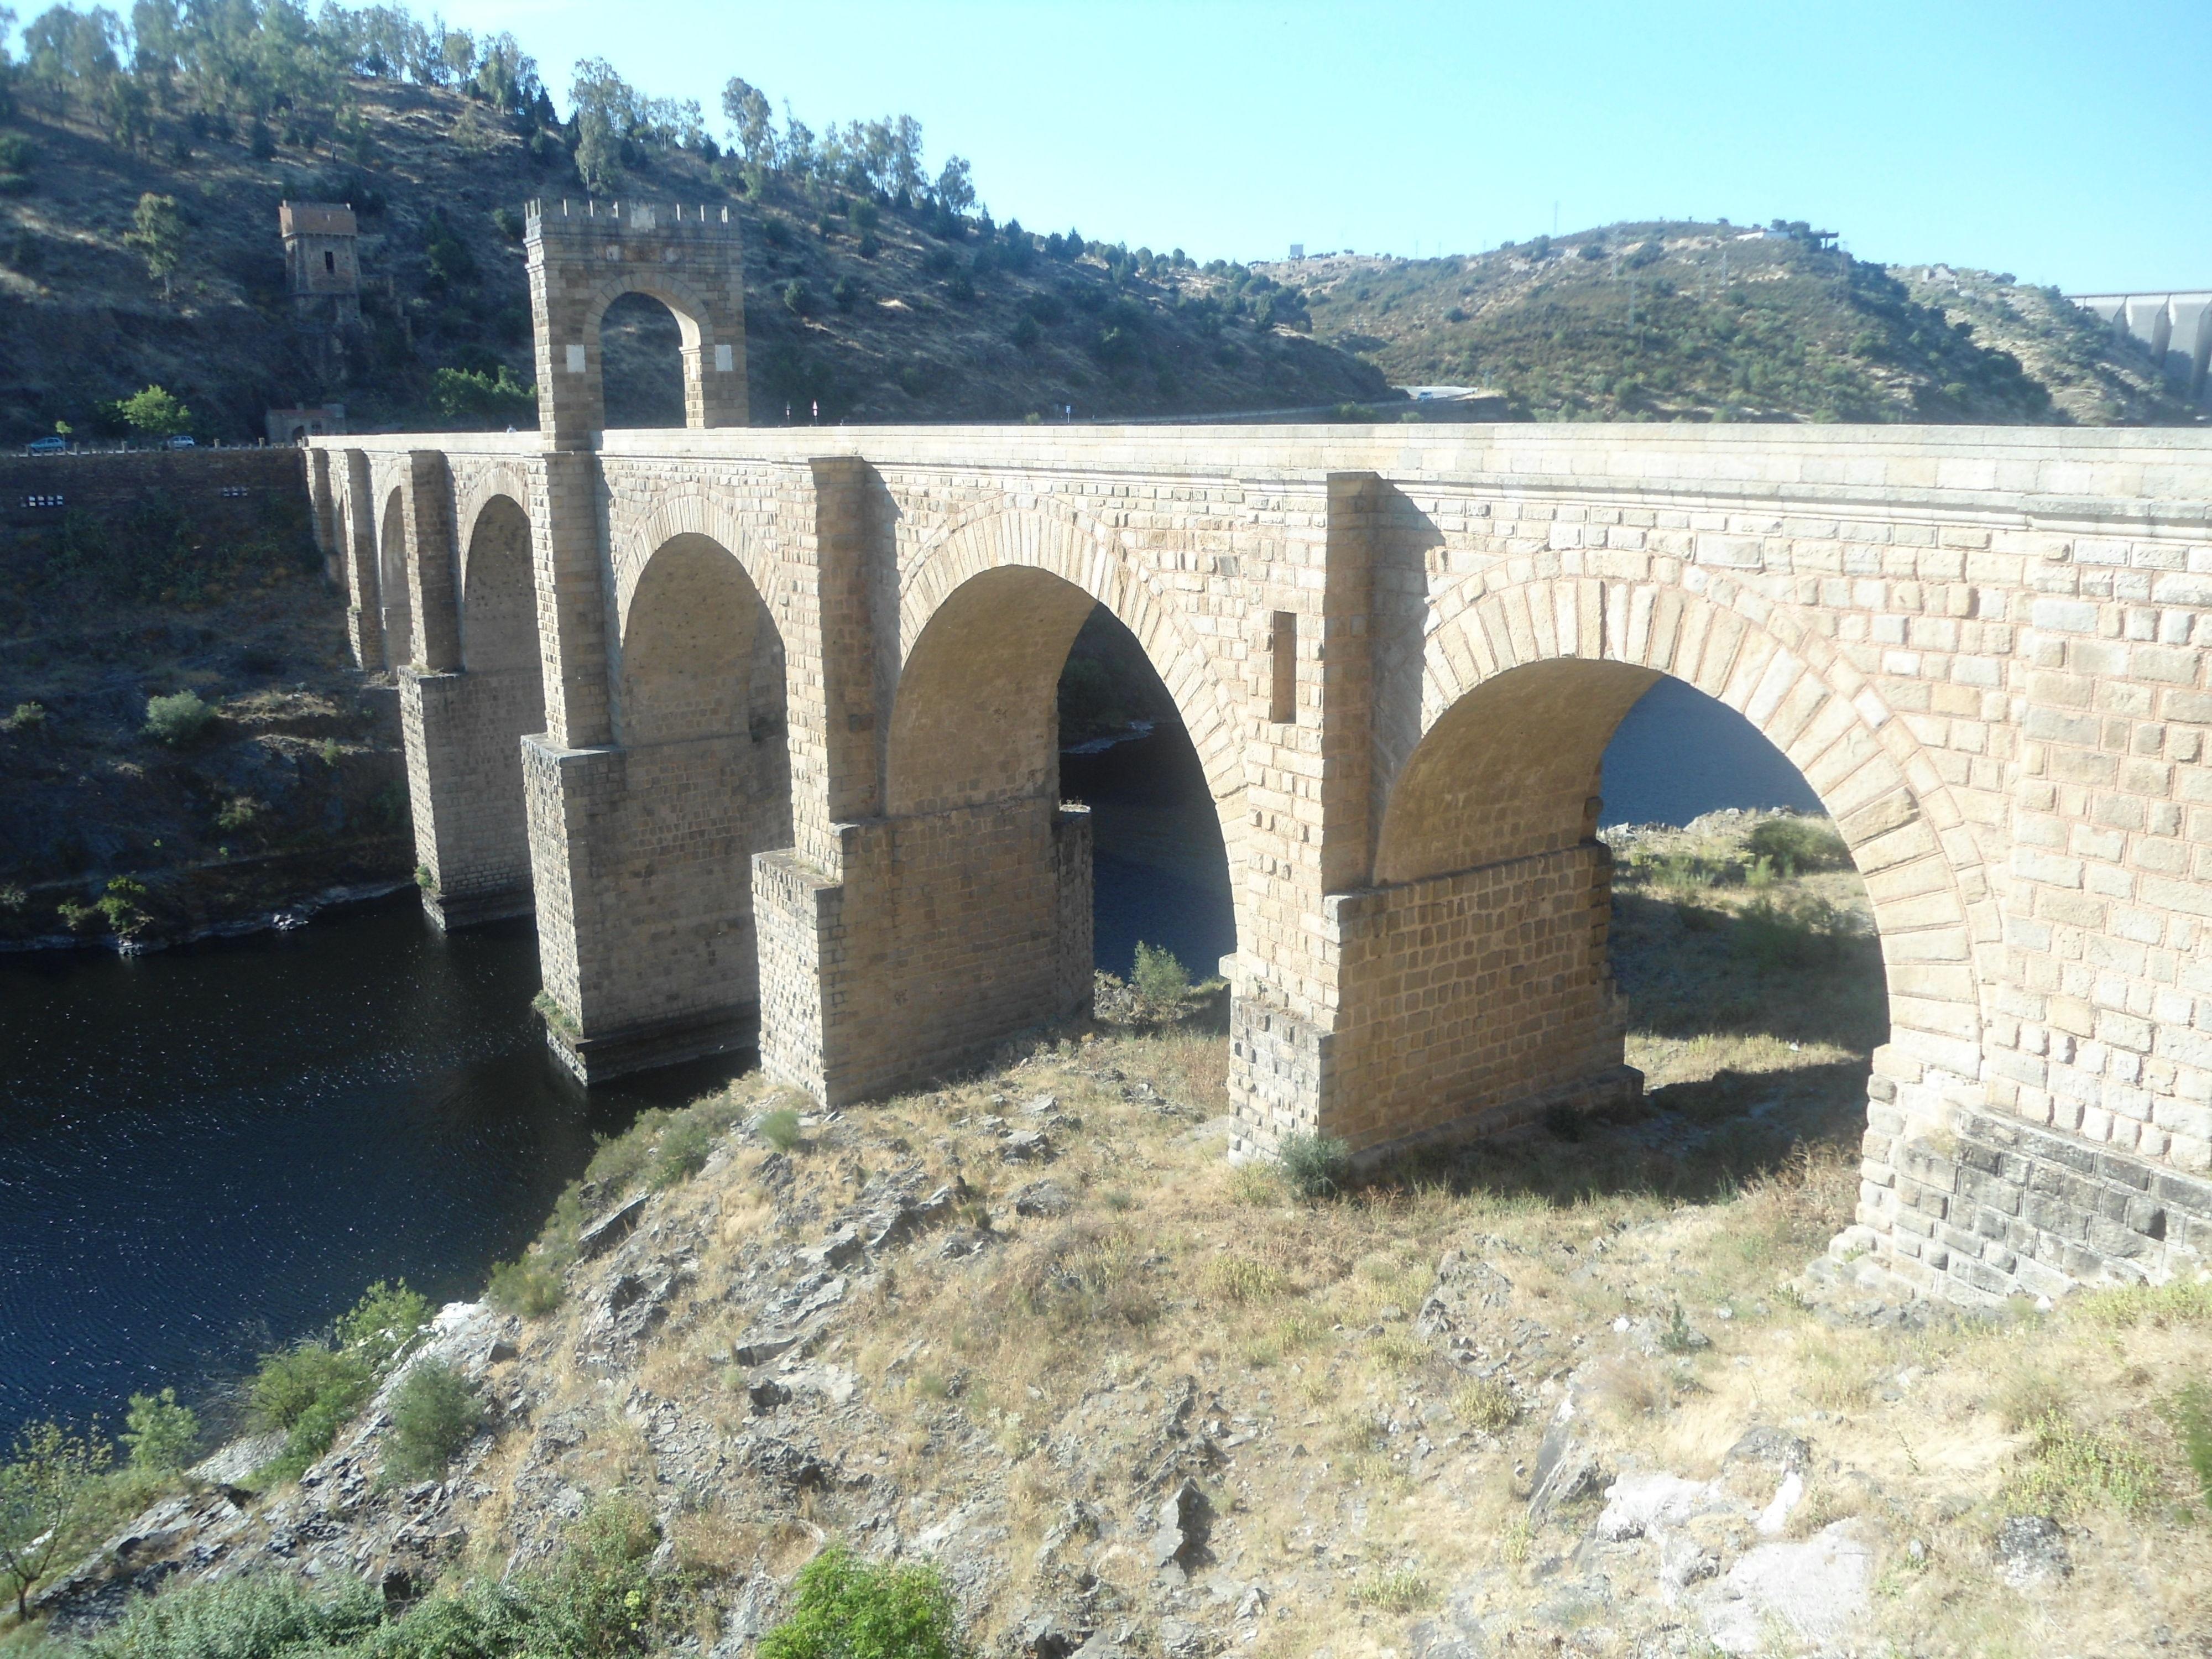 ¿El puente de la imagen en qué pueblo se sitúa?